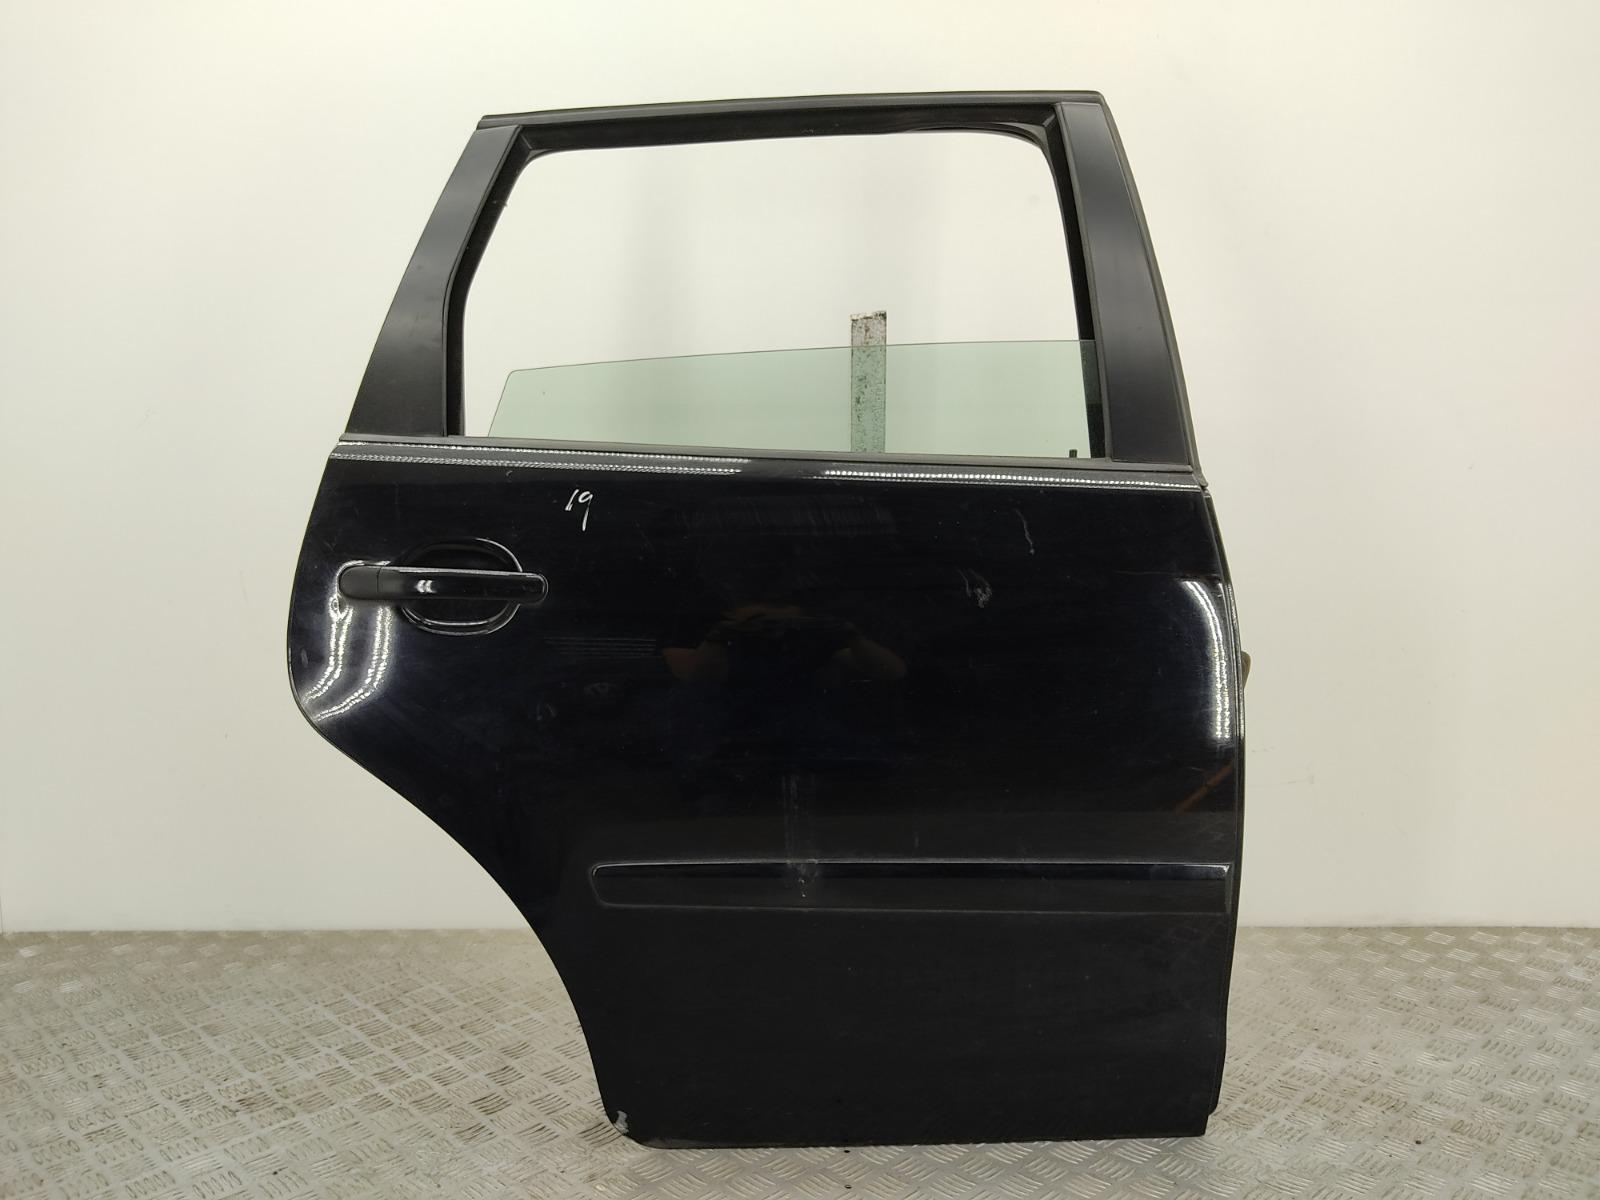 Дверь задняя правая Volkswagen Polo 1.4 TDI 2006 (б/у)